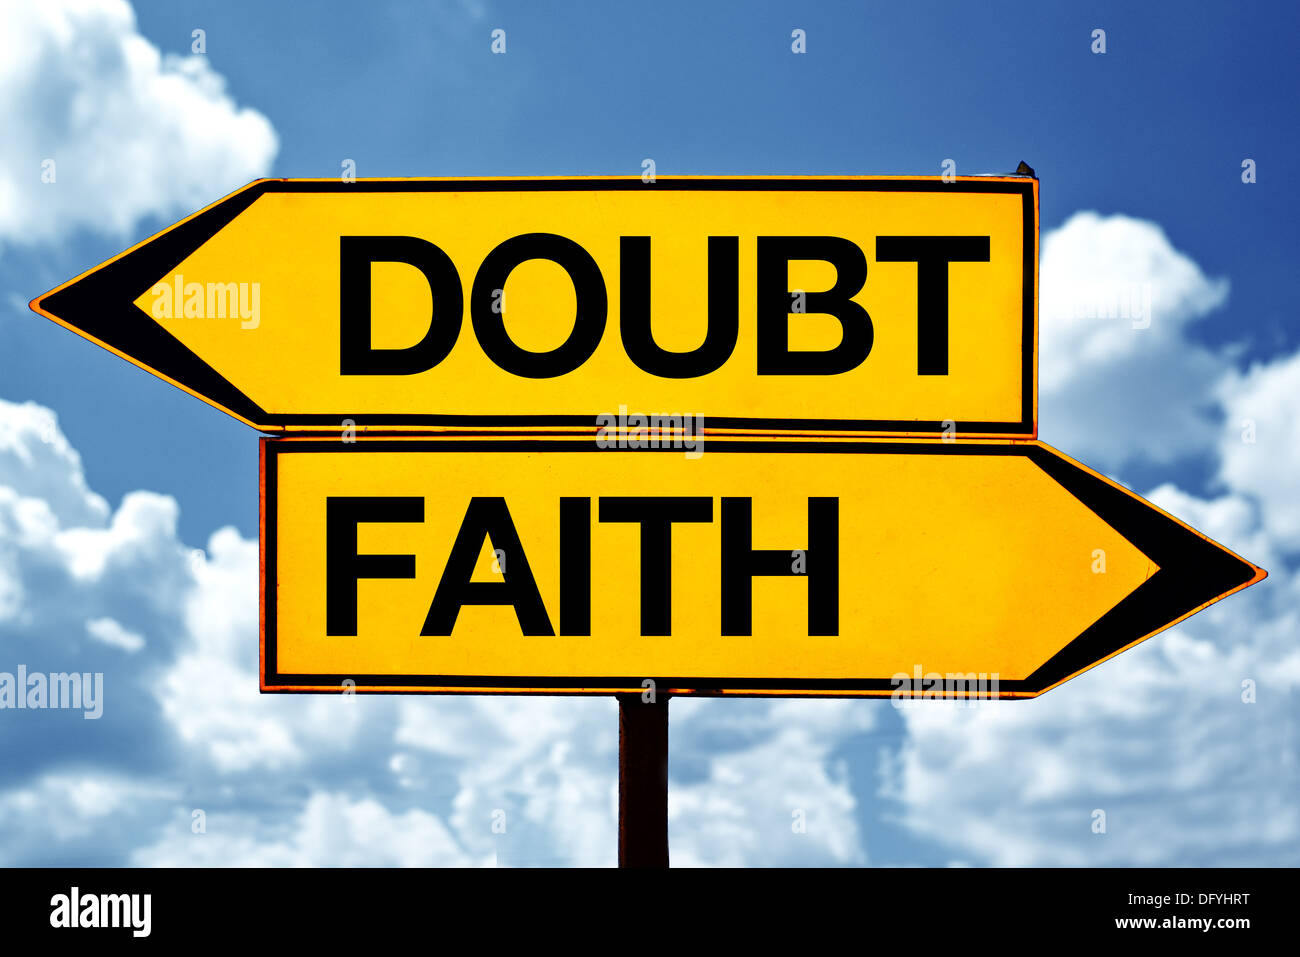 La duda o la fe, de signos opuestos. Dos signos opuestos en blanco contra el cielo azul de fondo. Imagen De Stock